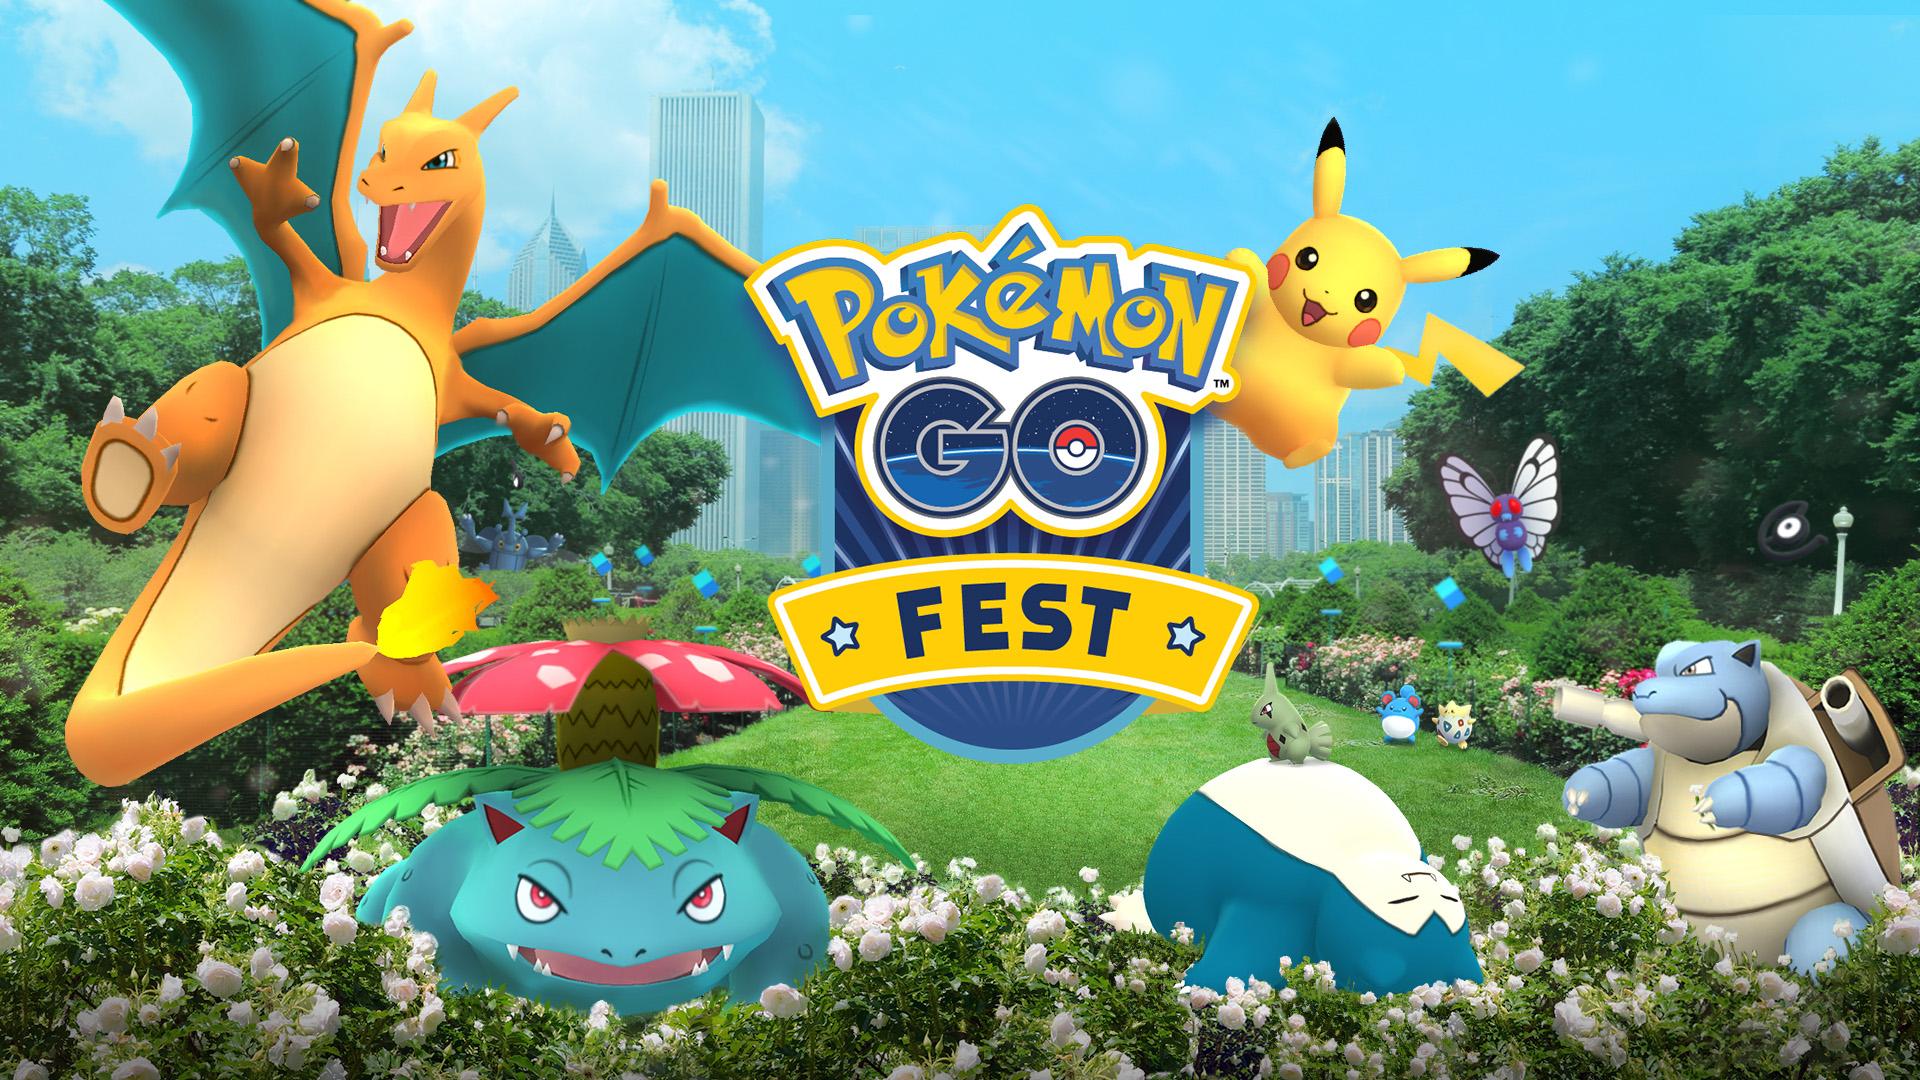 Pokémon GO feiert einjähriges Jubiläum mit Sommerevents in der realen Welt und innerhalb der App